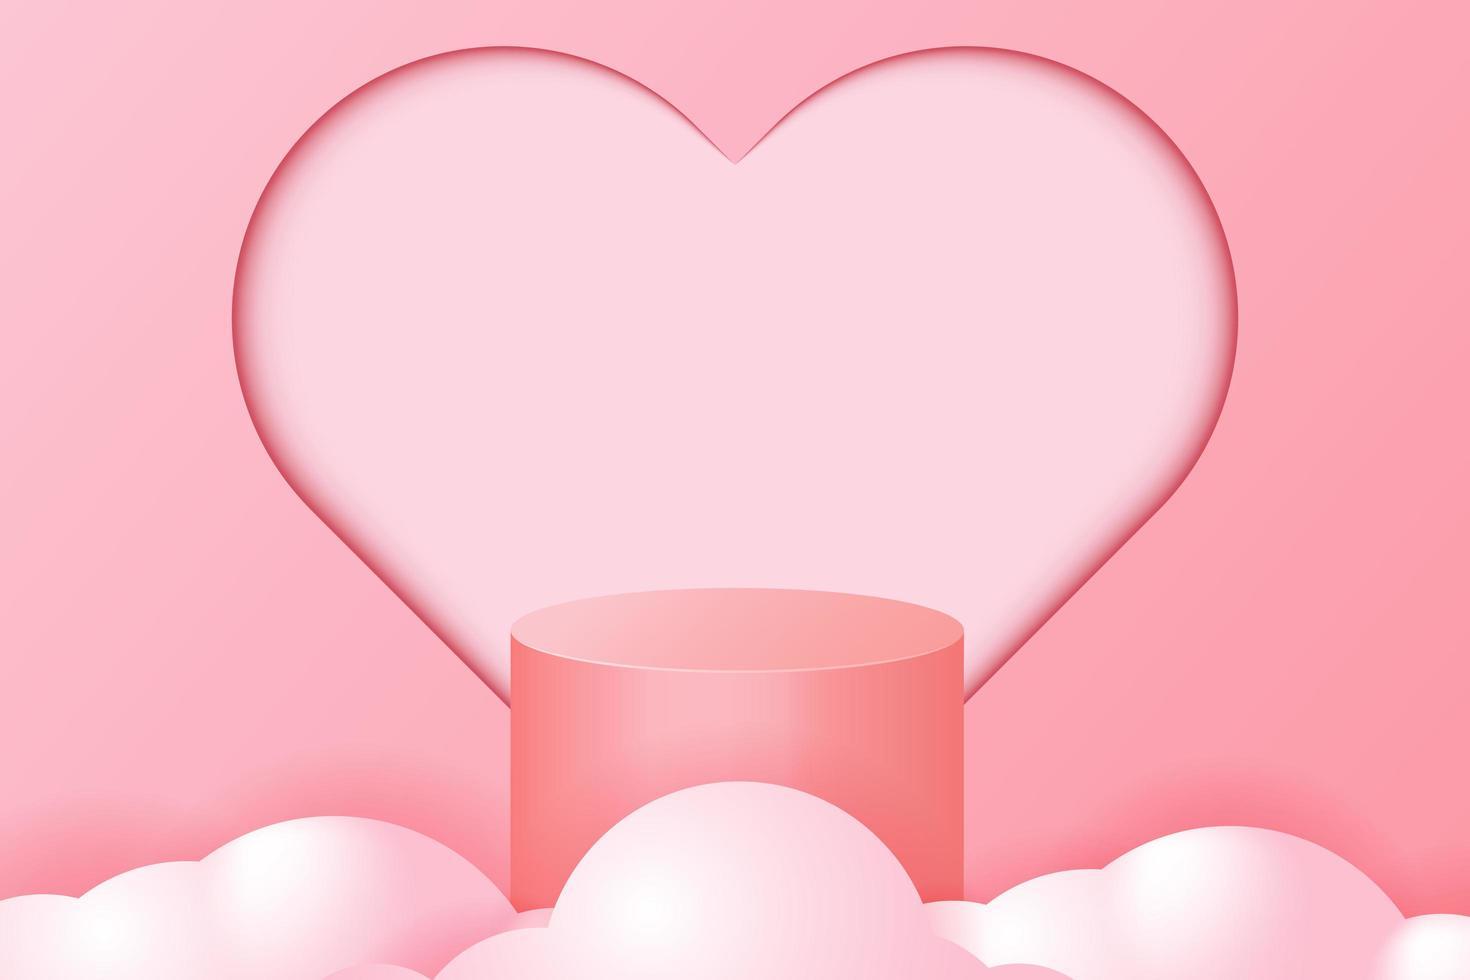 Cilindro vuoto rosa 3d con cuore vettore